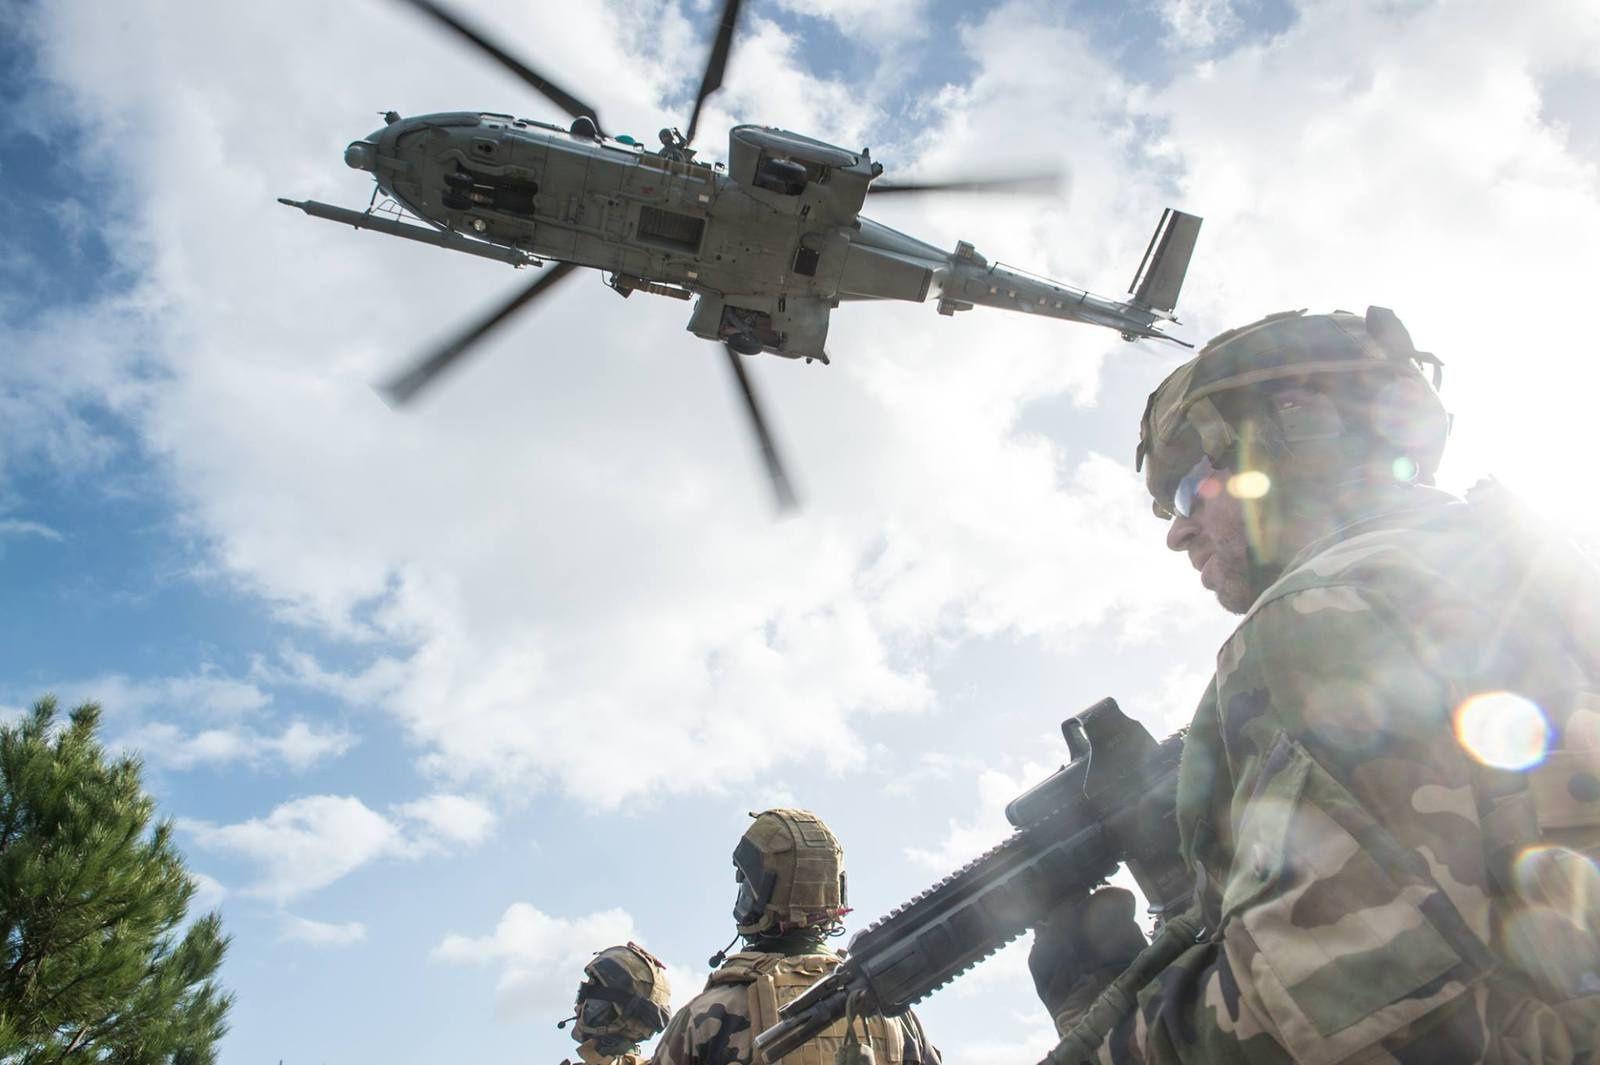 Exercice SALAMANDRE : Les Caracal et HH-60G Pave Hawk de l'USAF s'entraînent ensemble aux missions CSAR